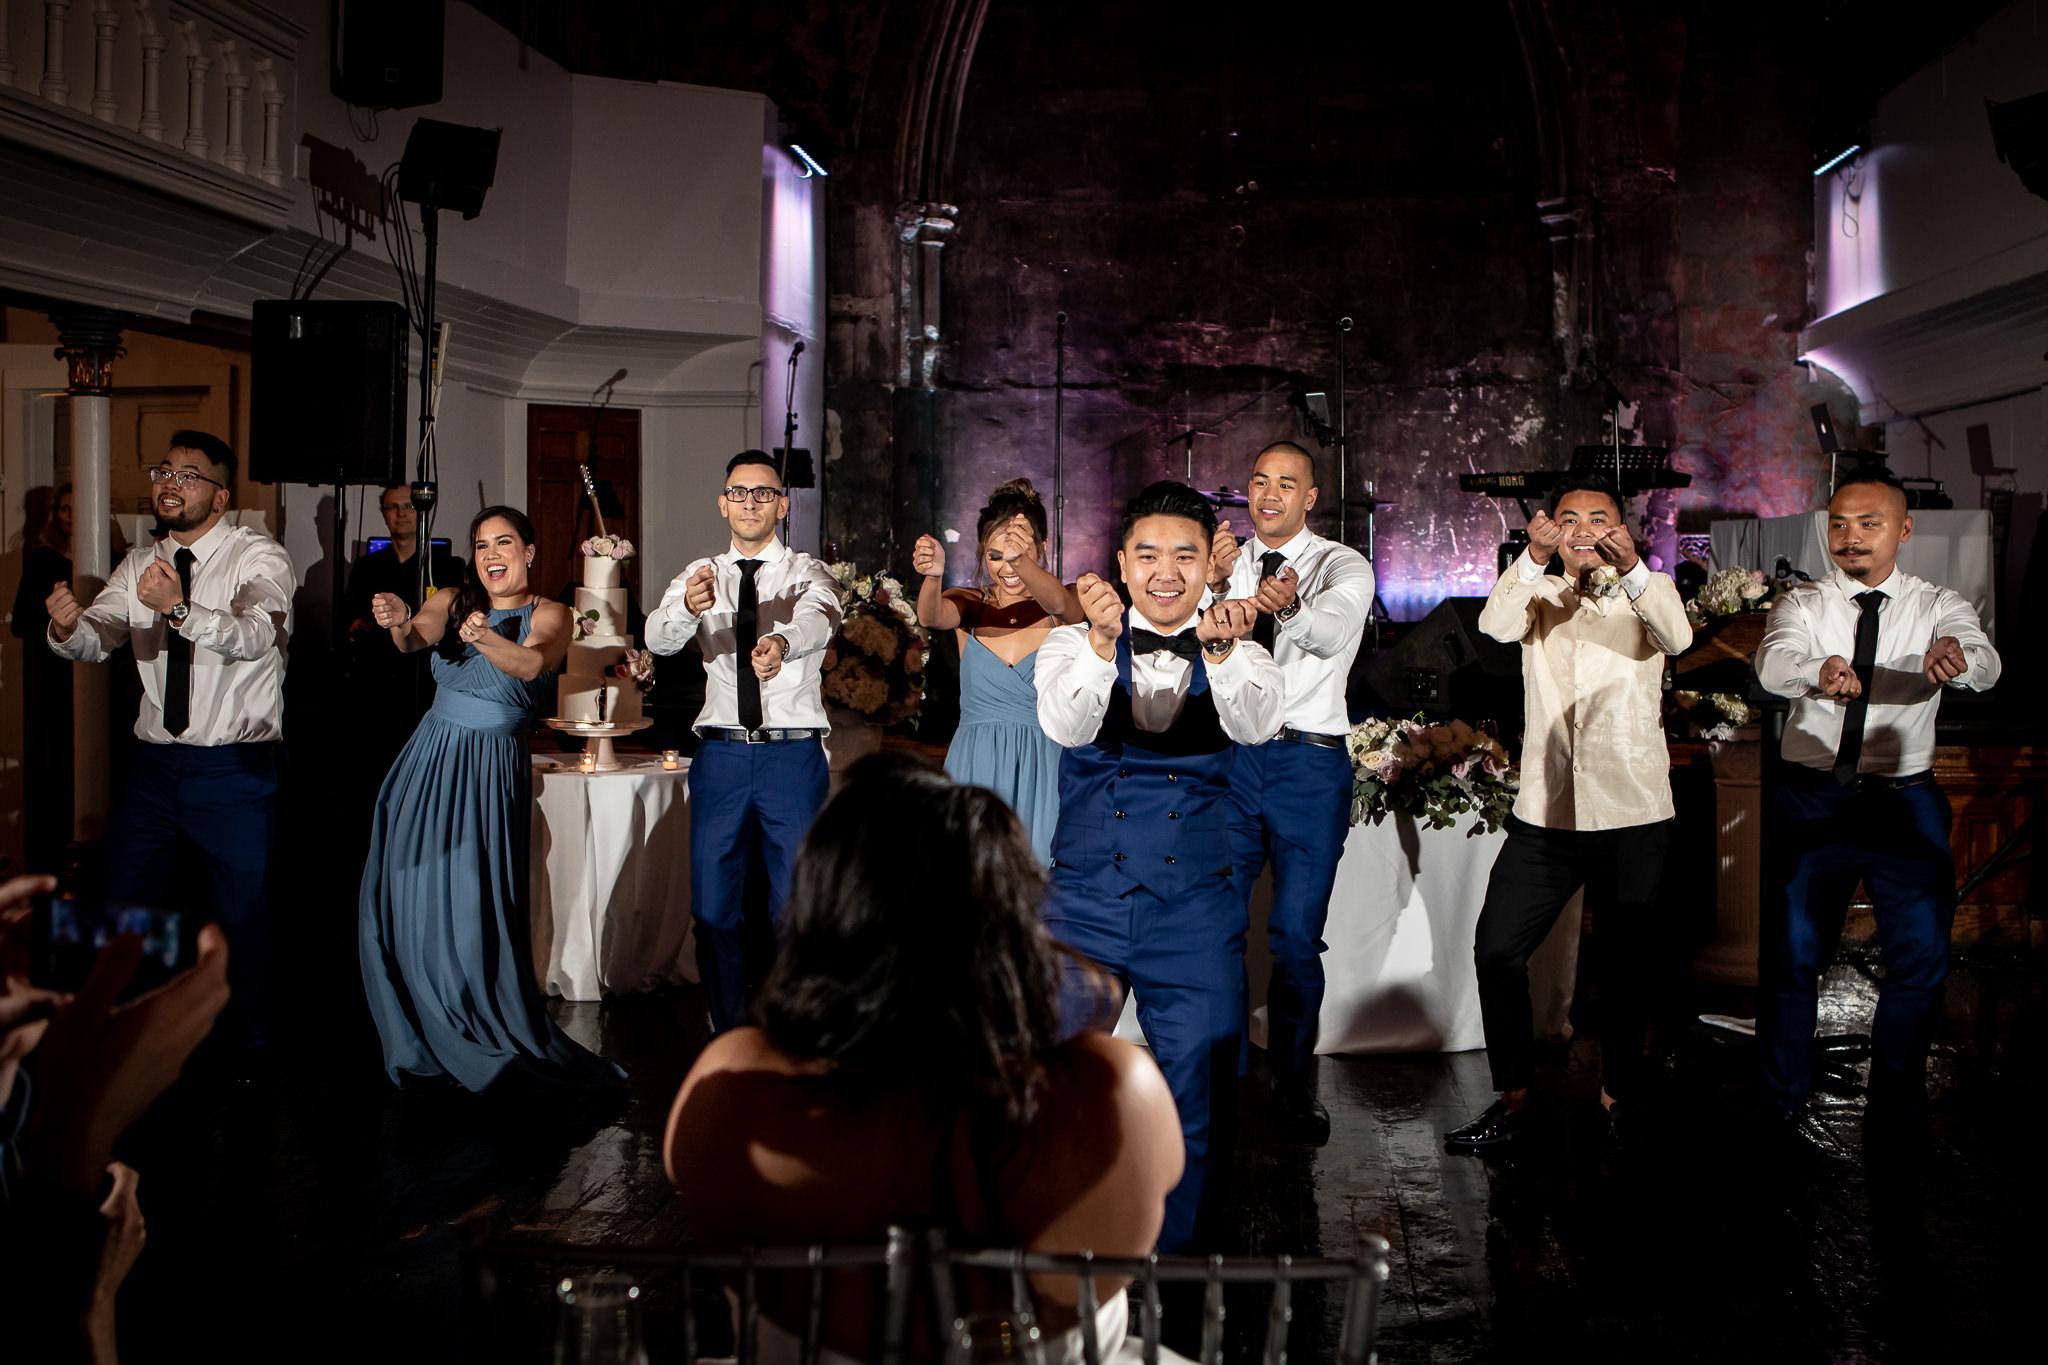 berkeley-wedding-photos-61.jpg